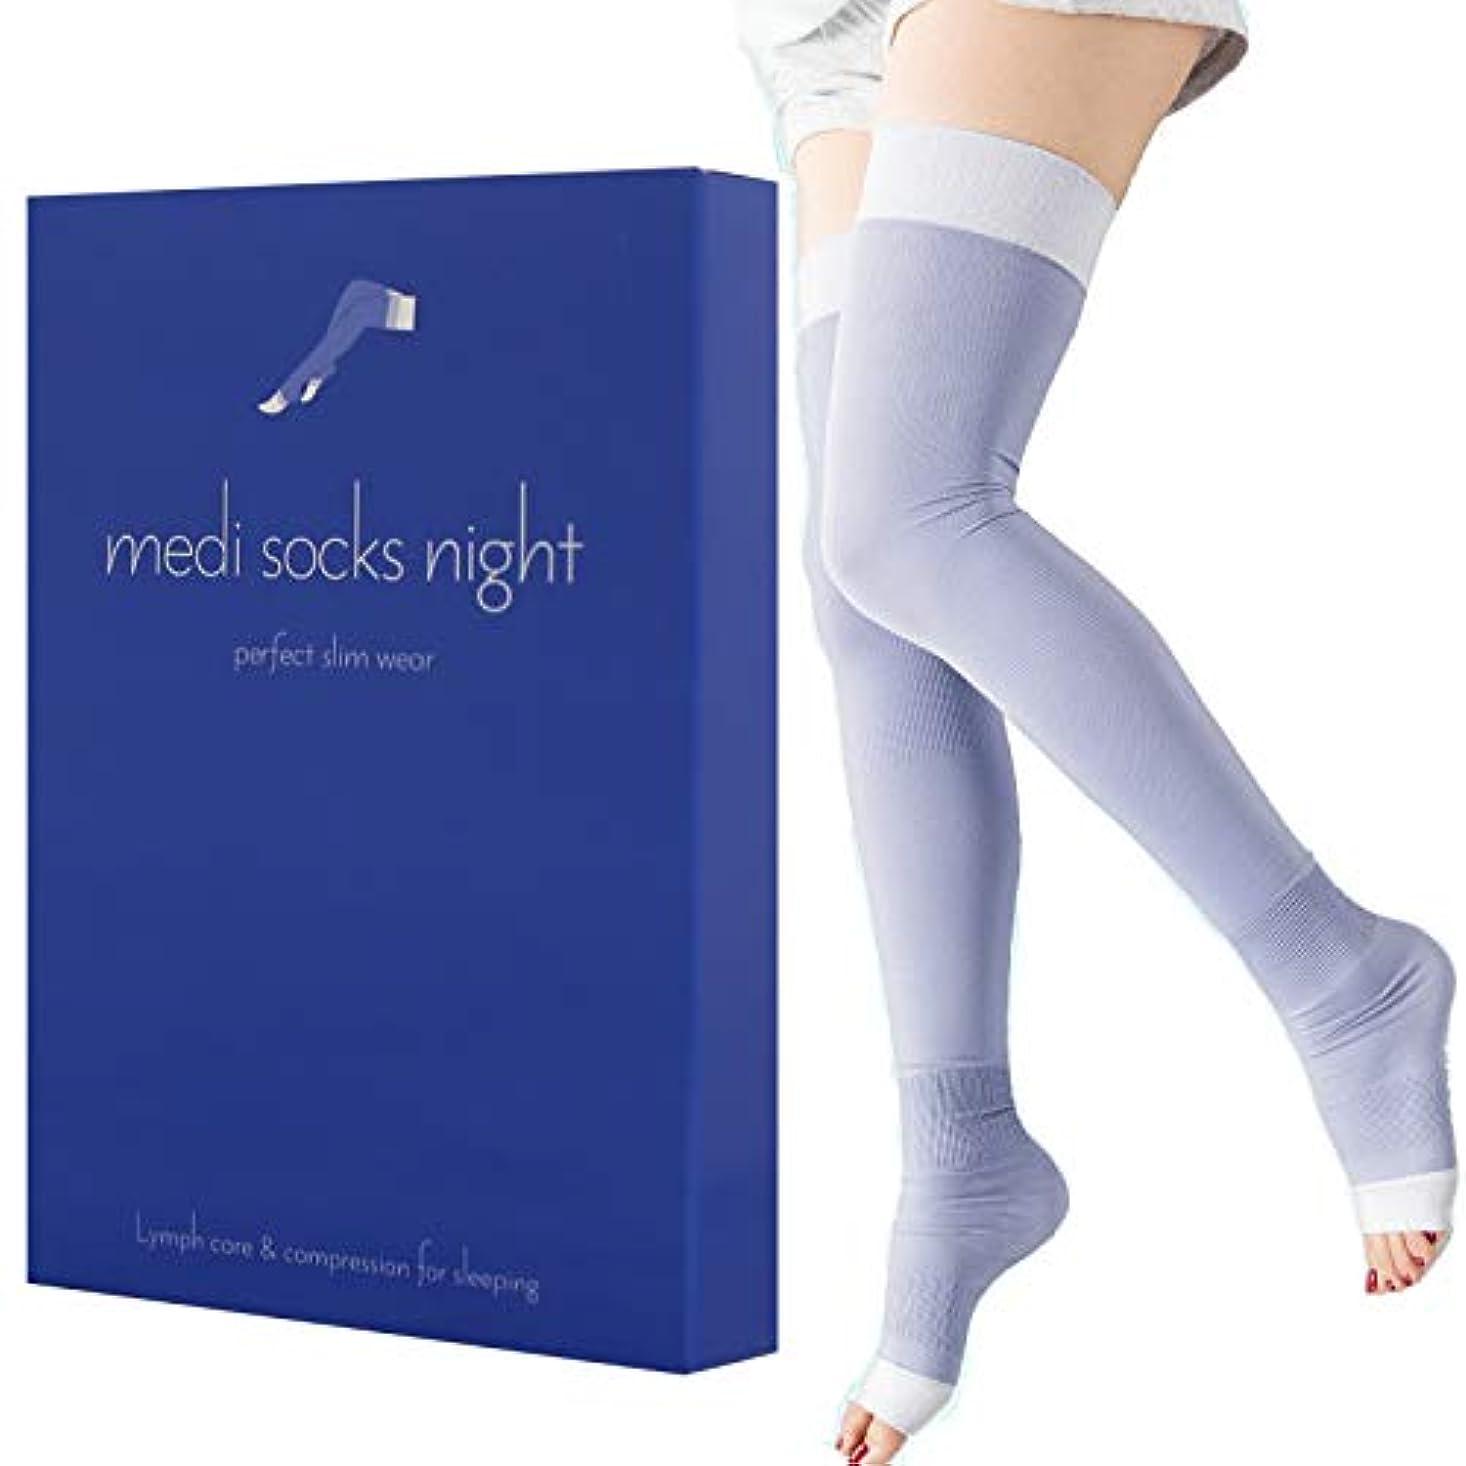 雄弁家コテージ気候メディソックスナイト ~medi socks night~ Mサイズ